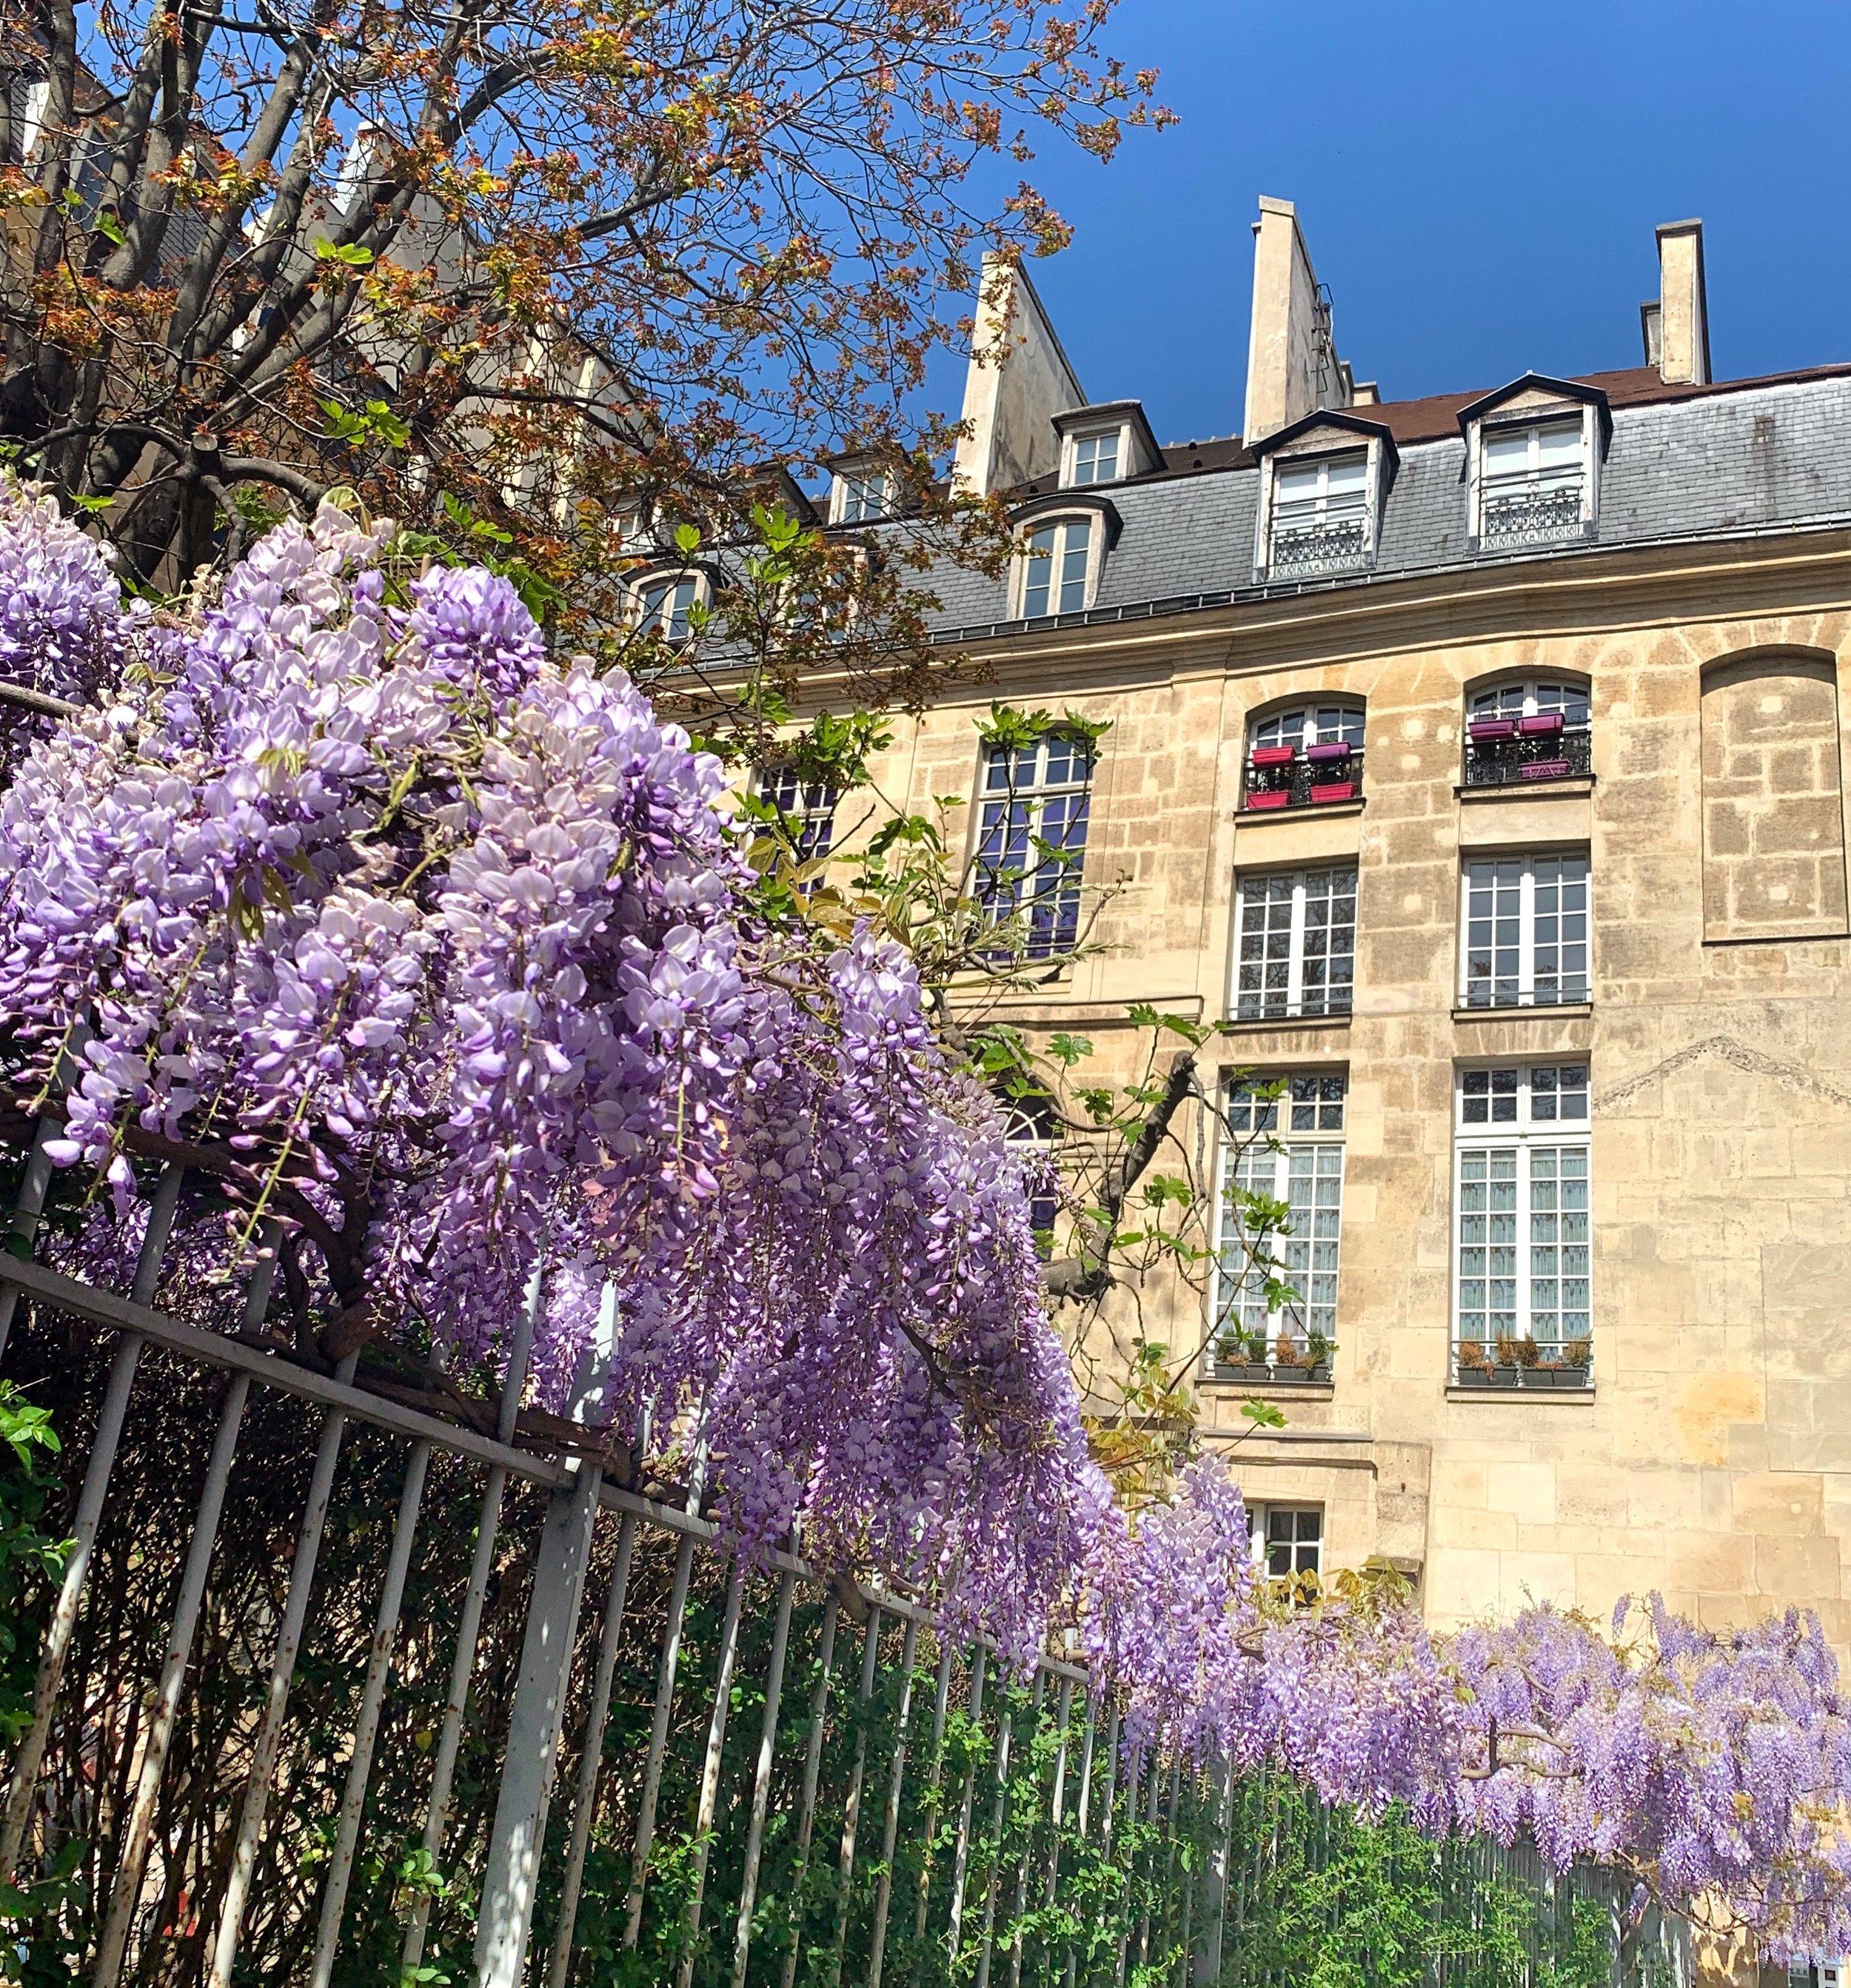 Wisteria in the Marais